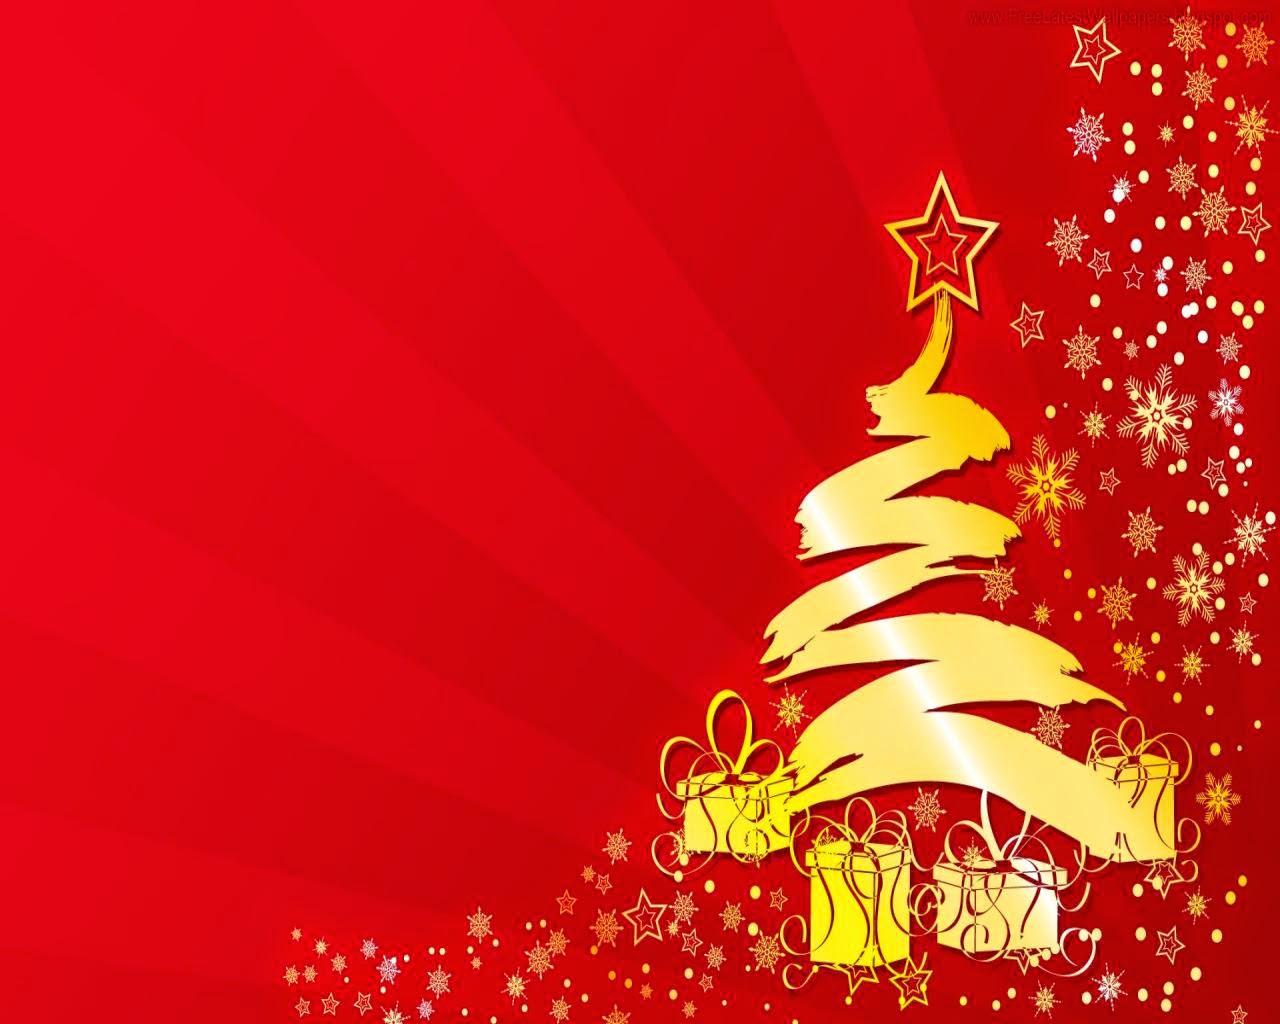 Fondos Navidad Animados: ® Imágenes Y Gifs Animados ®: FONDOS DE PANTALLA DE NAVIDAD